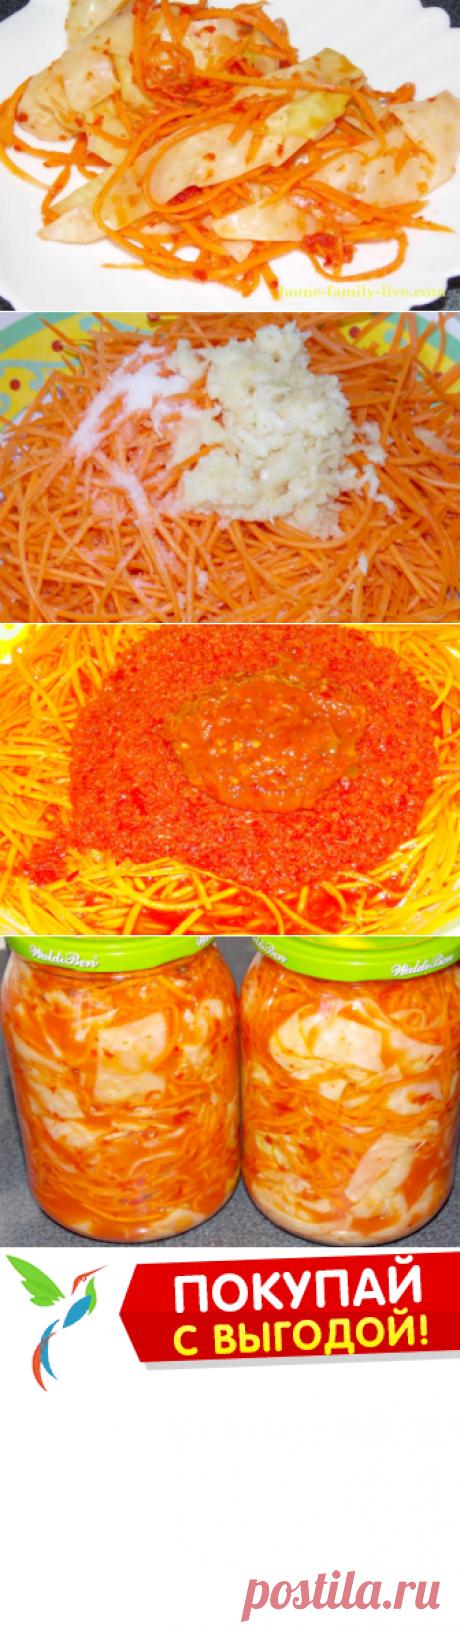 Ким-чи из белокочанной капусты/Сайт с пошаговыми рецептами с фото для тех кто любит готовить